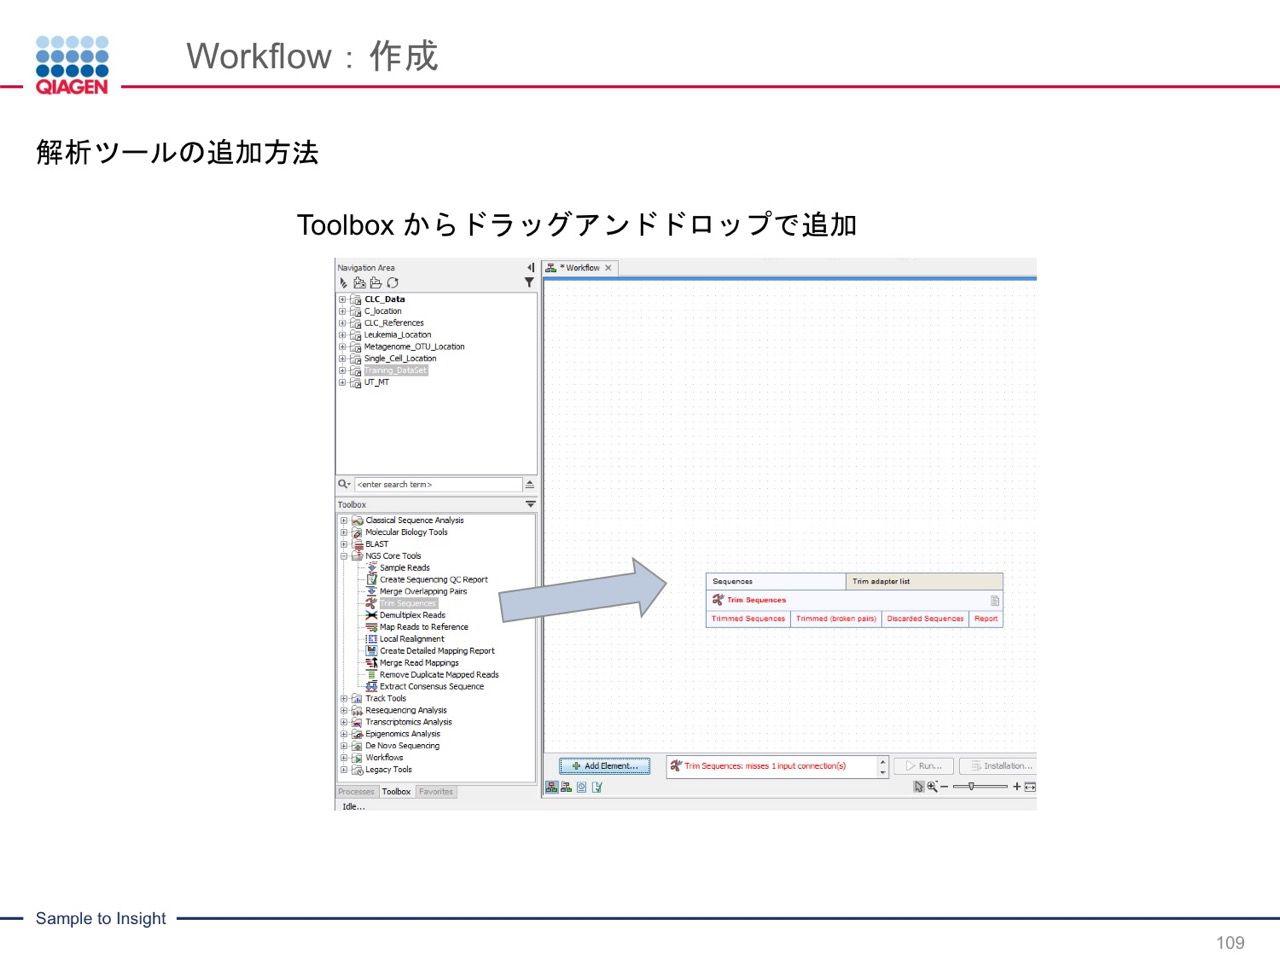 images/AJACSa2_miyamoto_109.jpg